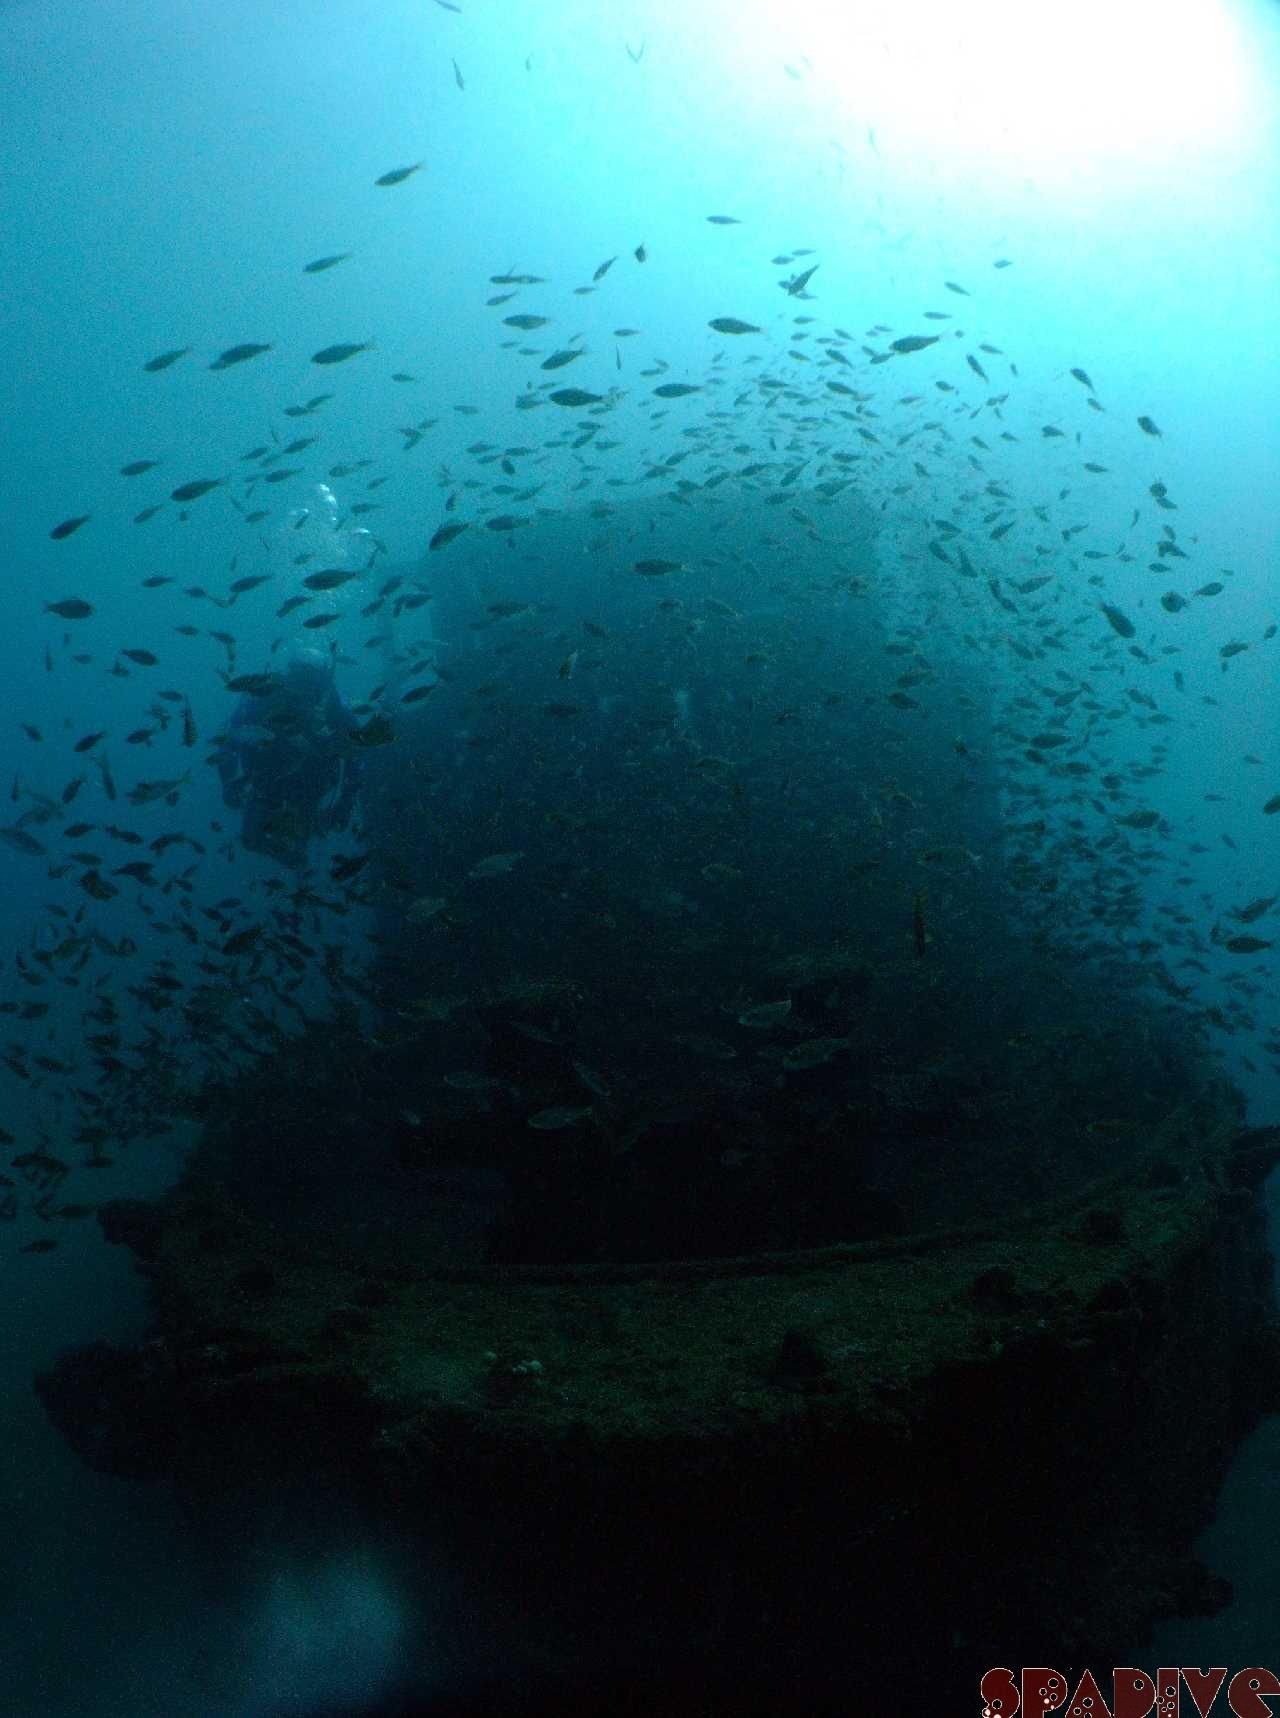 三段壁&北の根(沈船)ボートファンダイビング 12/12/2009南紀白浜